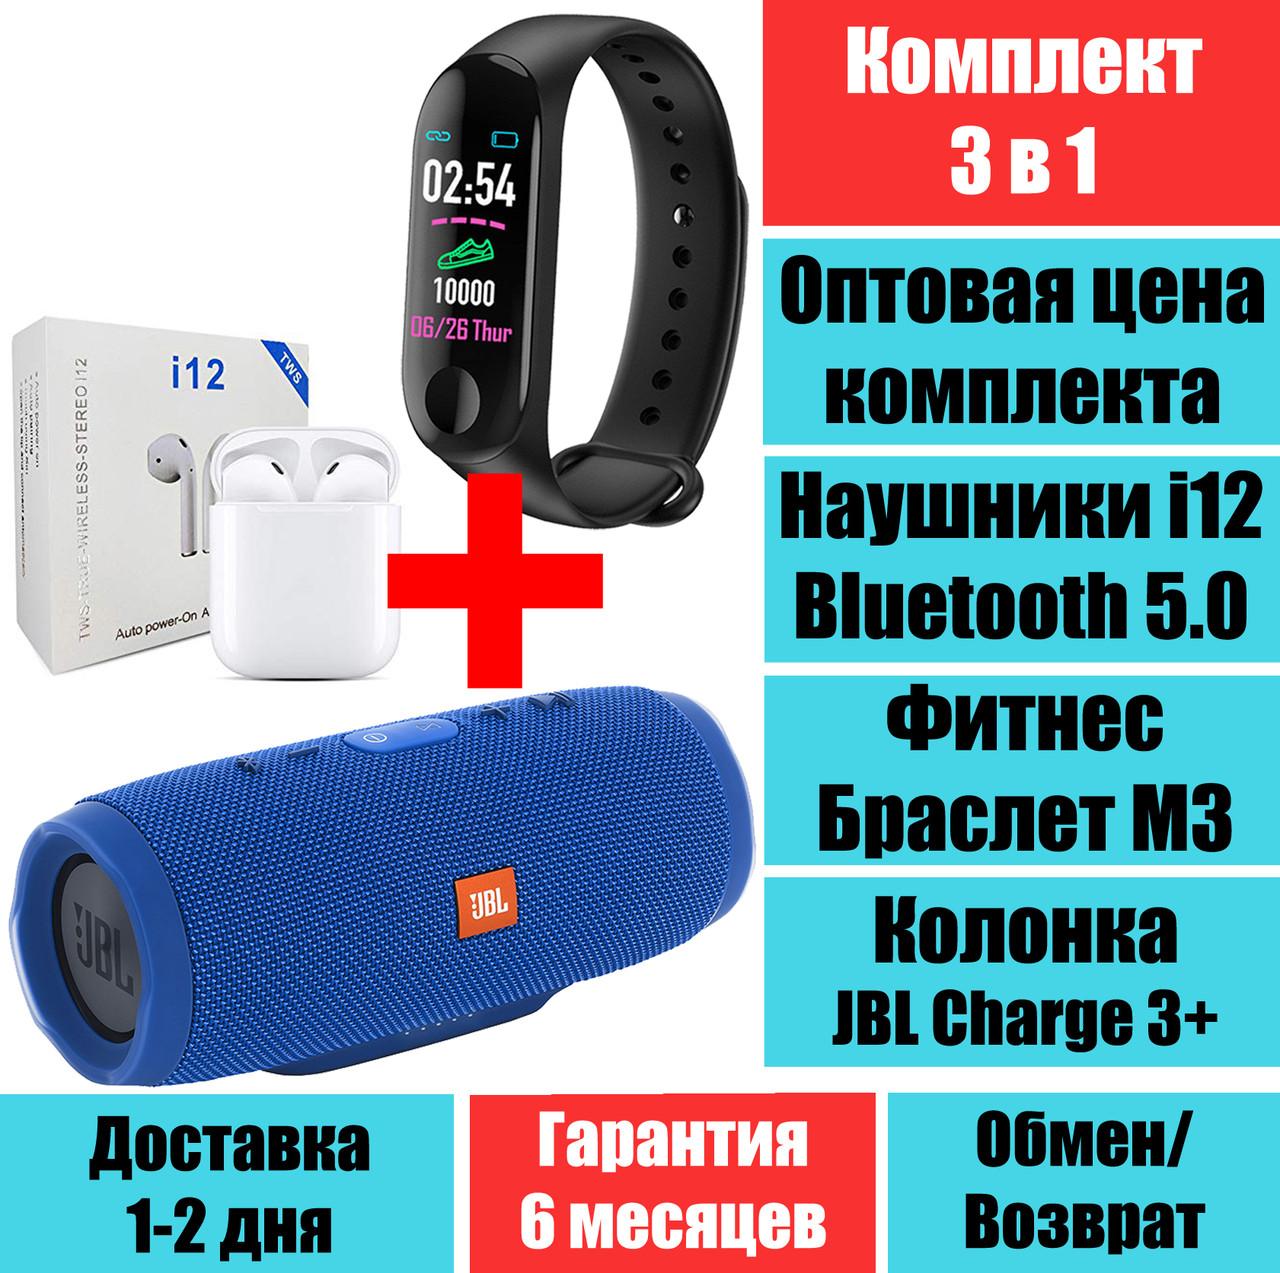 Колонка JBL Charge 3+ Синий, Фитнес браслет M3, наушники блютус i12 Mini Bluetooth Комплект QualitiReplica